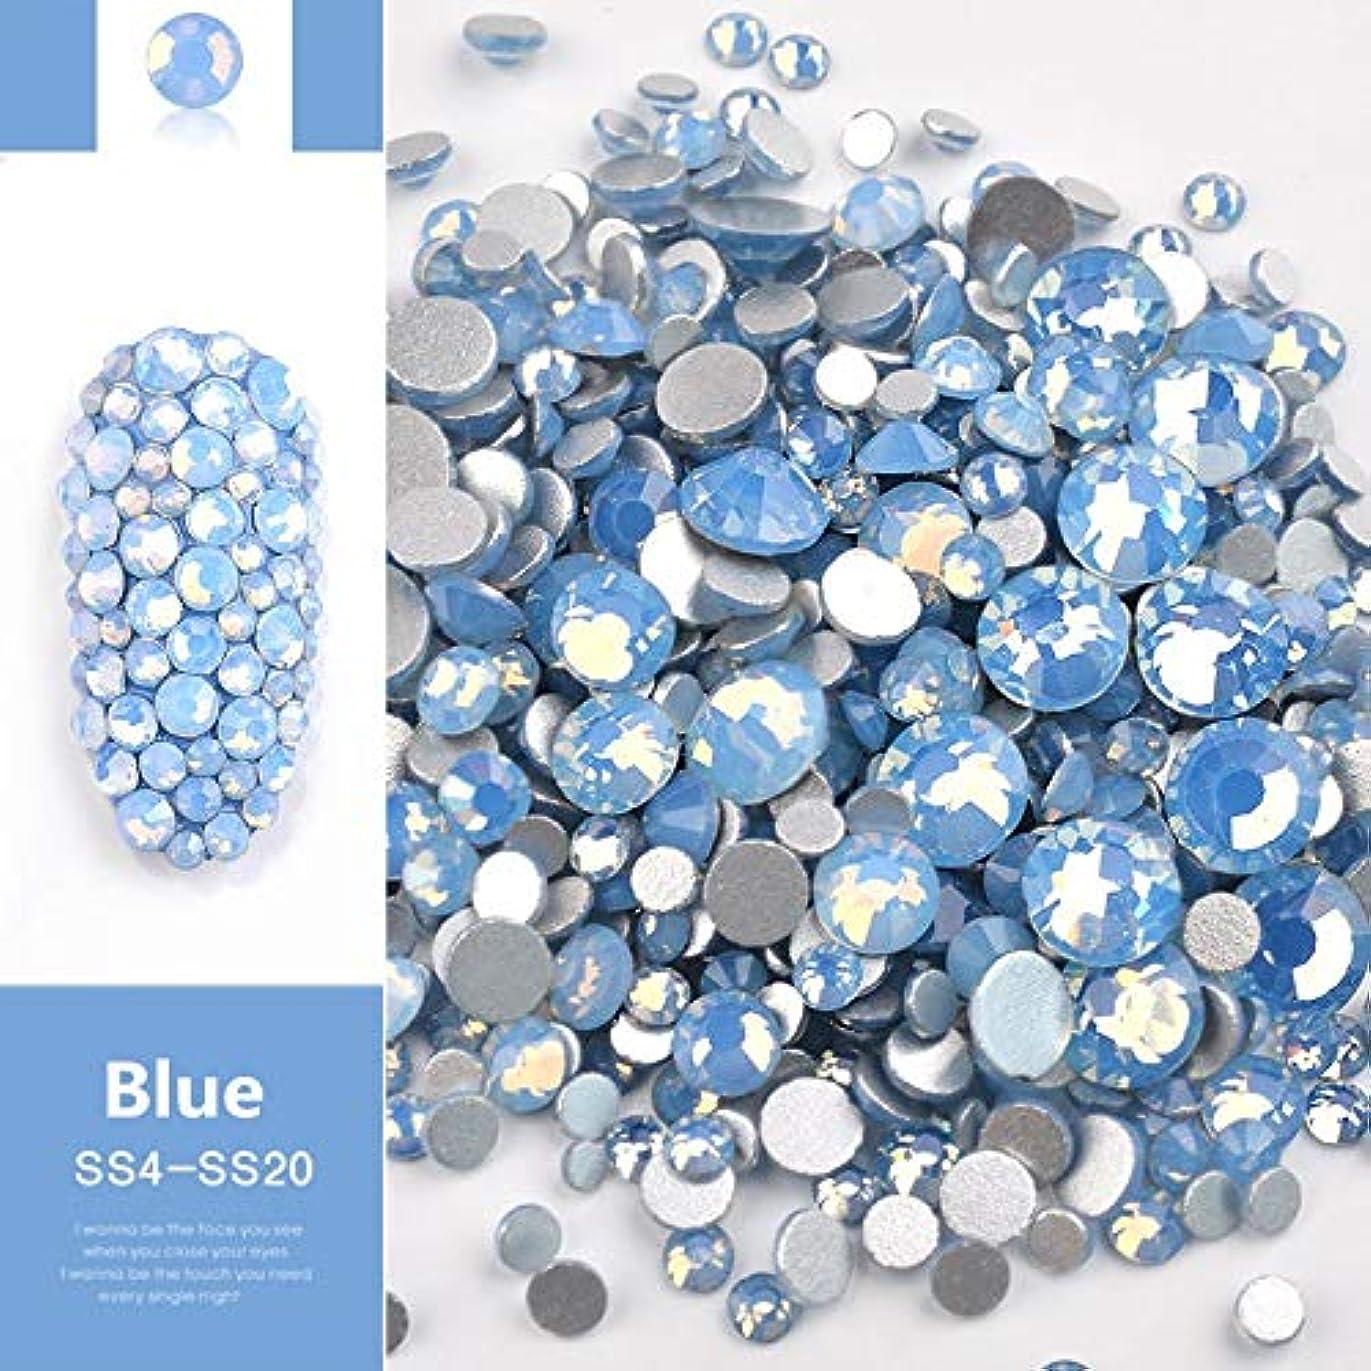 卒業ホバージャンクションJiaoran ビーズ樹脂クリスタルラウンドネイルアートミックスフラットバックアクリルラインストーンミックスサイズ1.5-4.5 mm装飾用ネイル (Color : Blue)